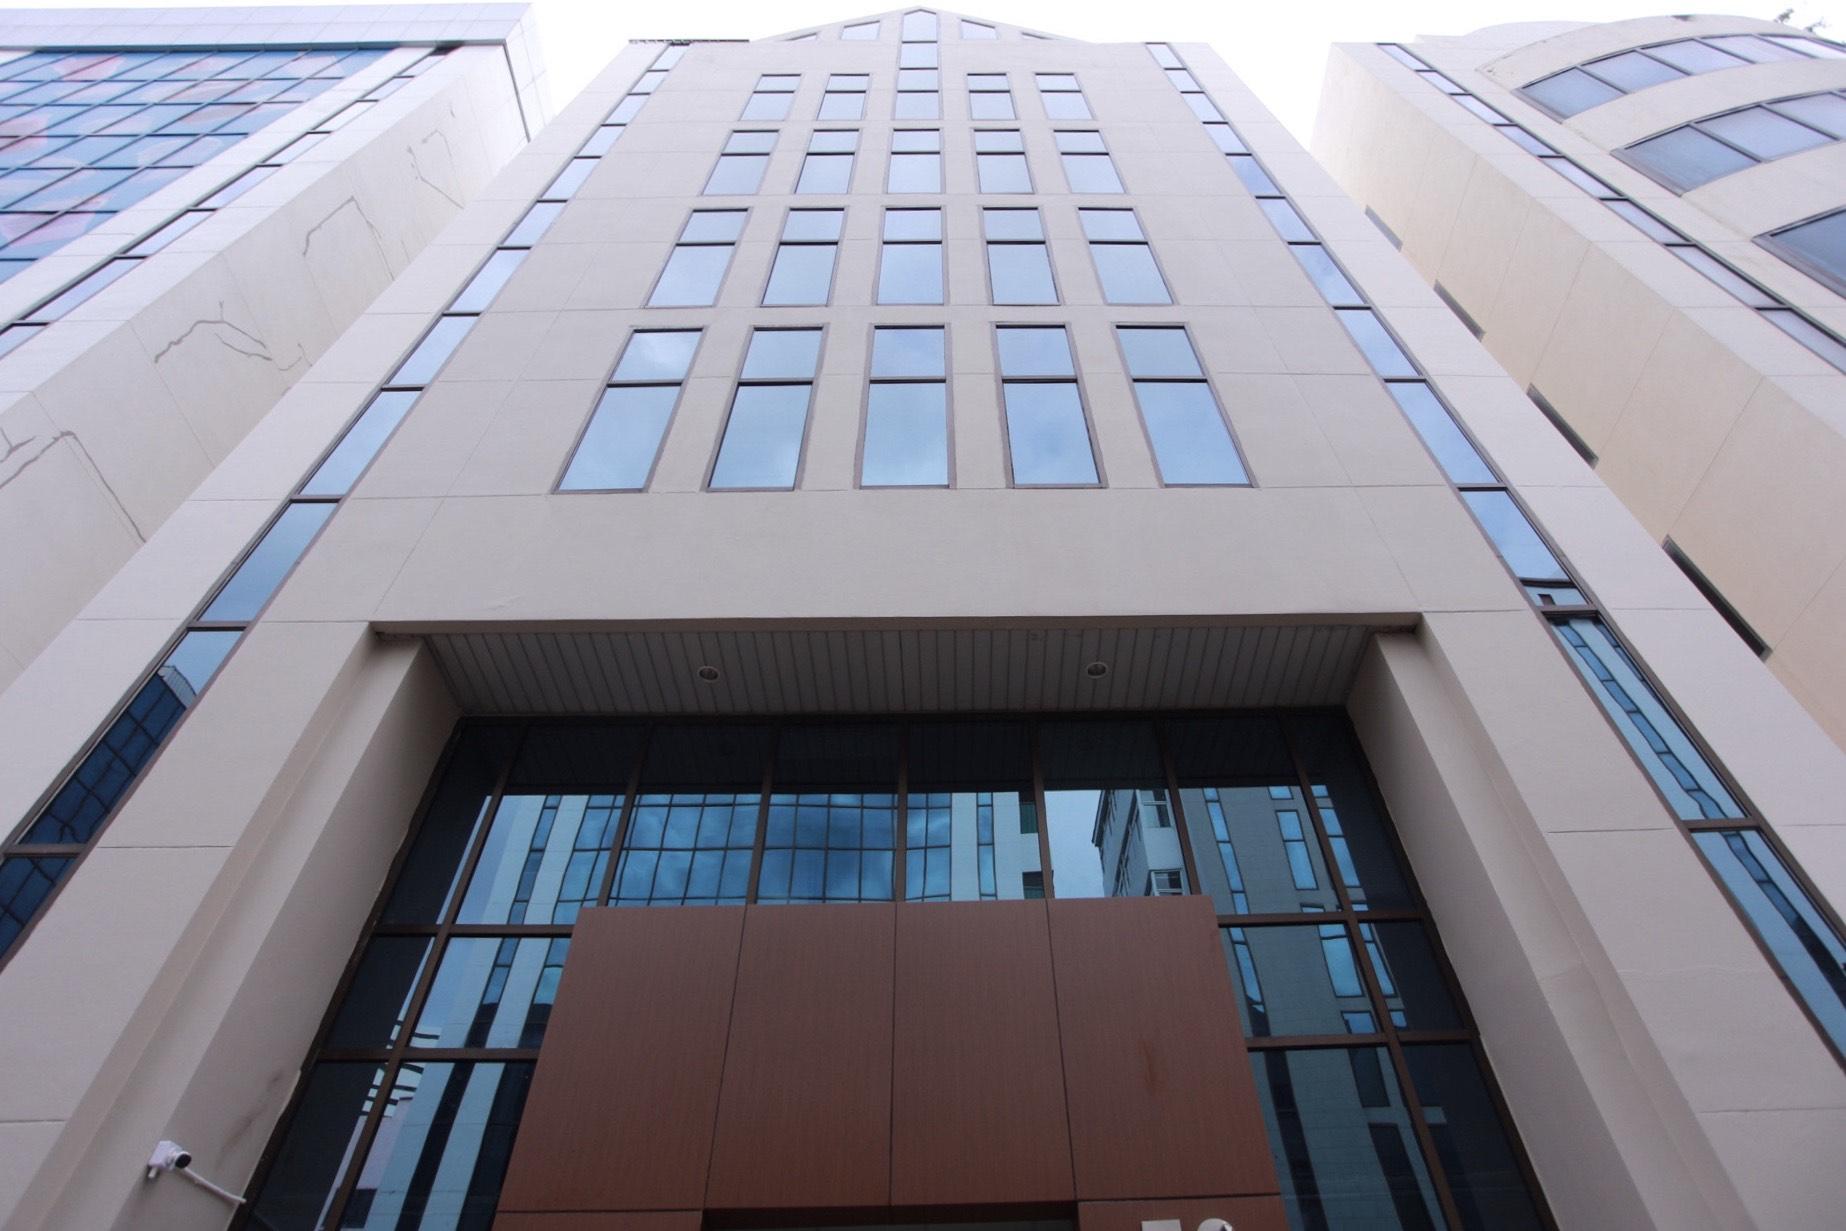 ออฟฟิศให้เช่าทั้ง floor พร้อม ลิฟท์แบบ private  เช่าเดือนละ 32,000 บาท